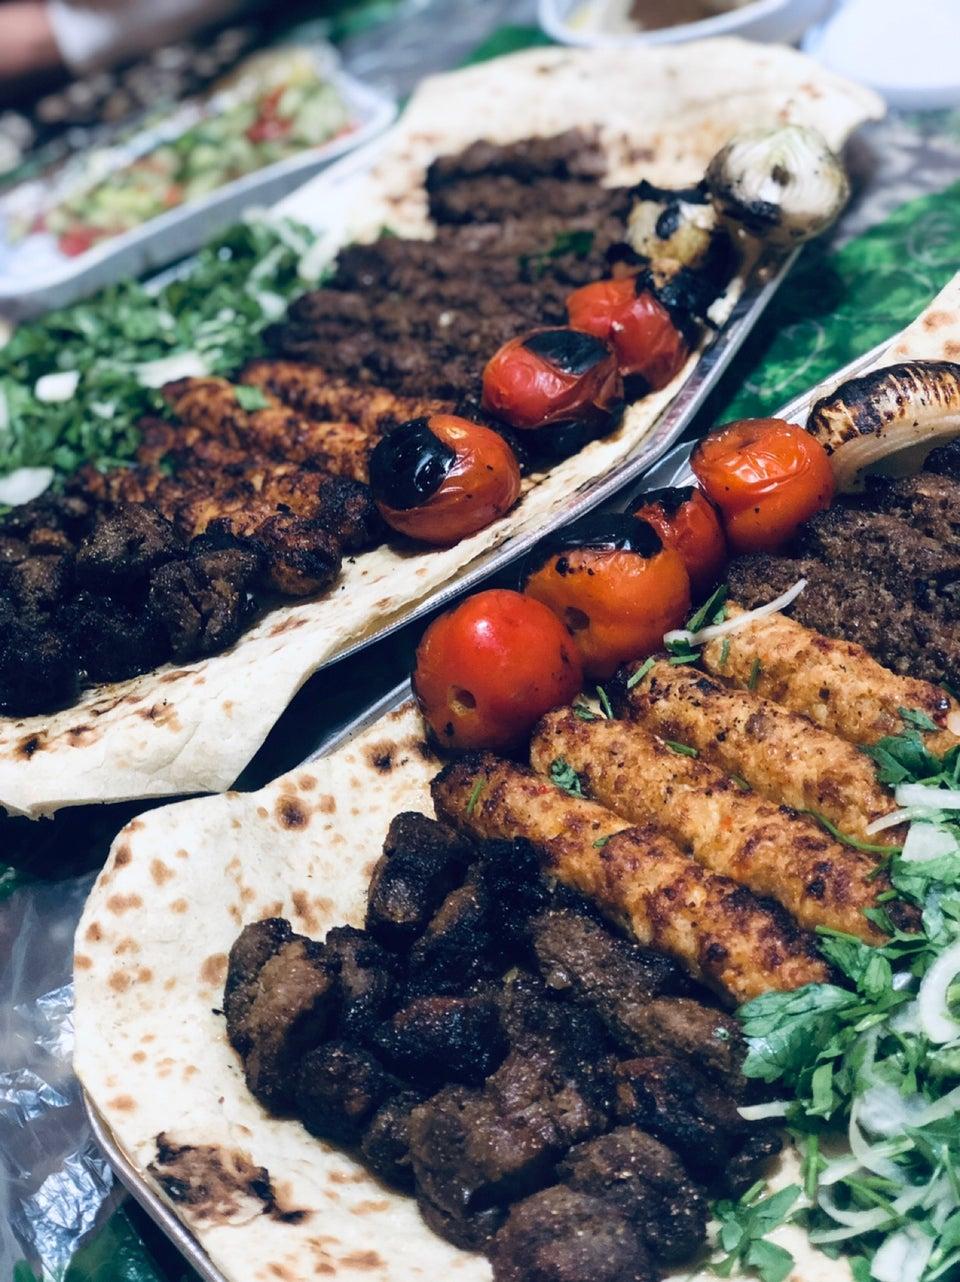 مطعم مشويات قصر الأصيل الأسعار المنيو الموقع كافيهات و مطاعم الرياض